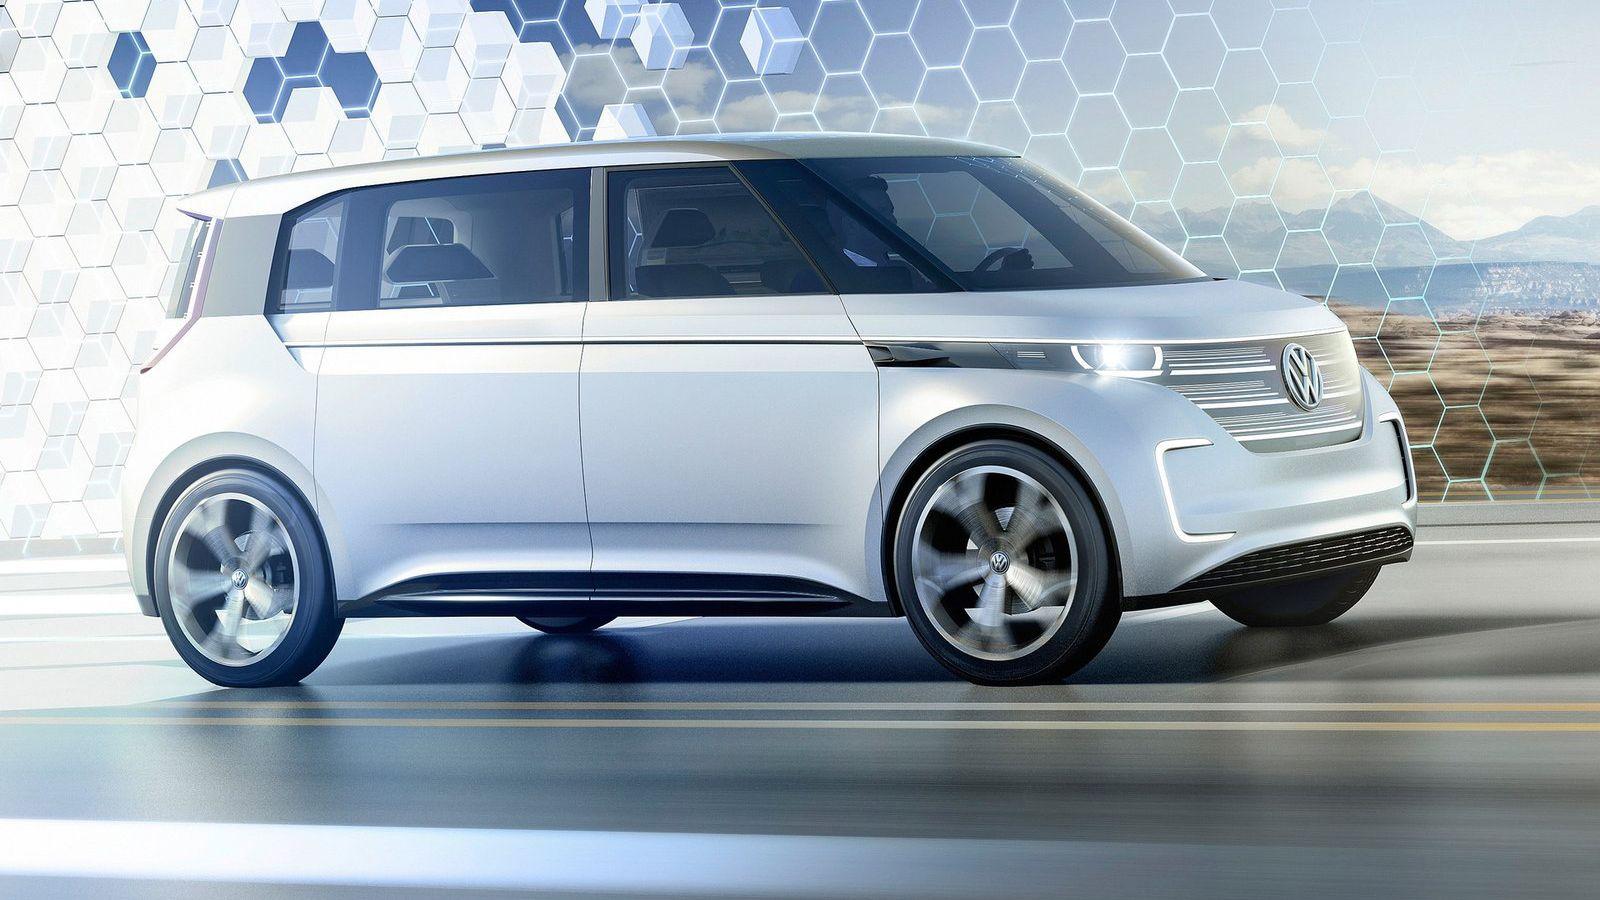 Νέο vw microbus το 2020 - volkswagen